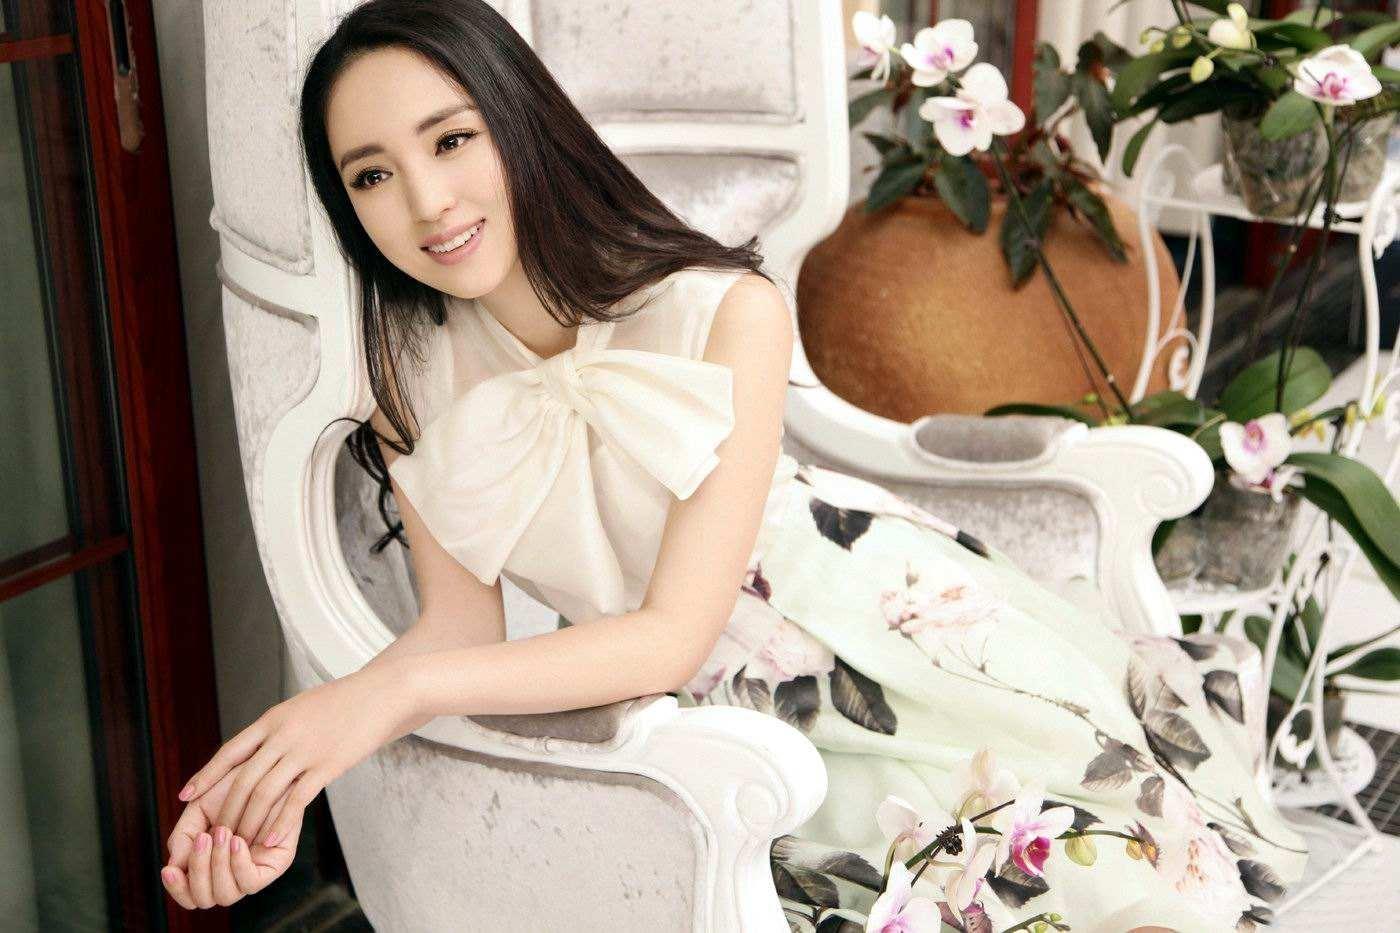 高云翔被捕后,董璇其实过得很开心,不仅逛街追剧还和李小璐聚会